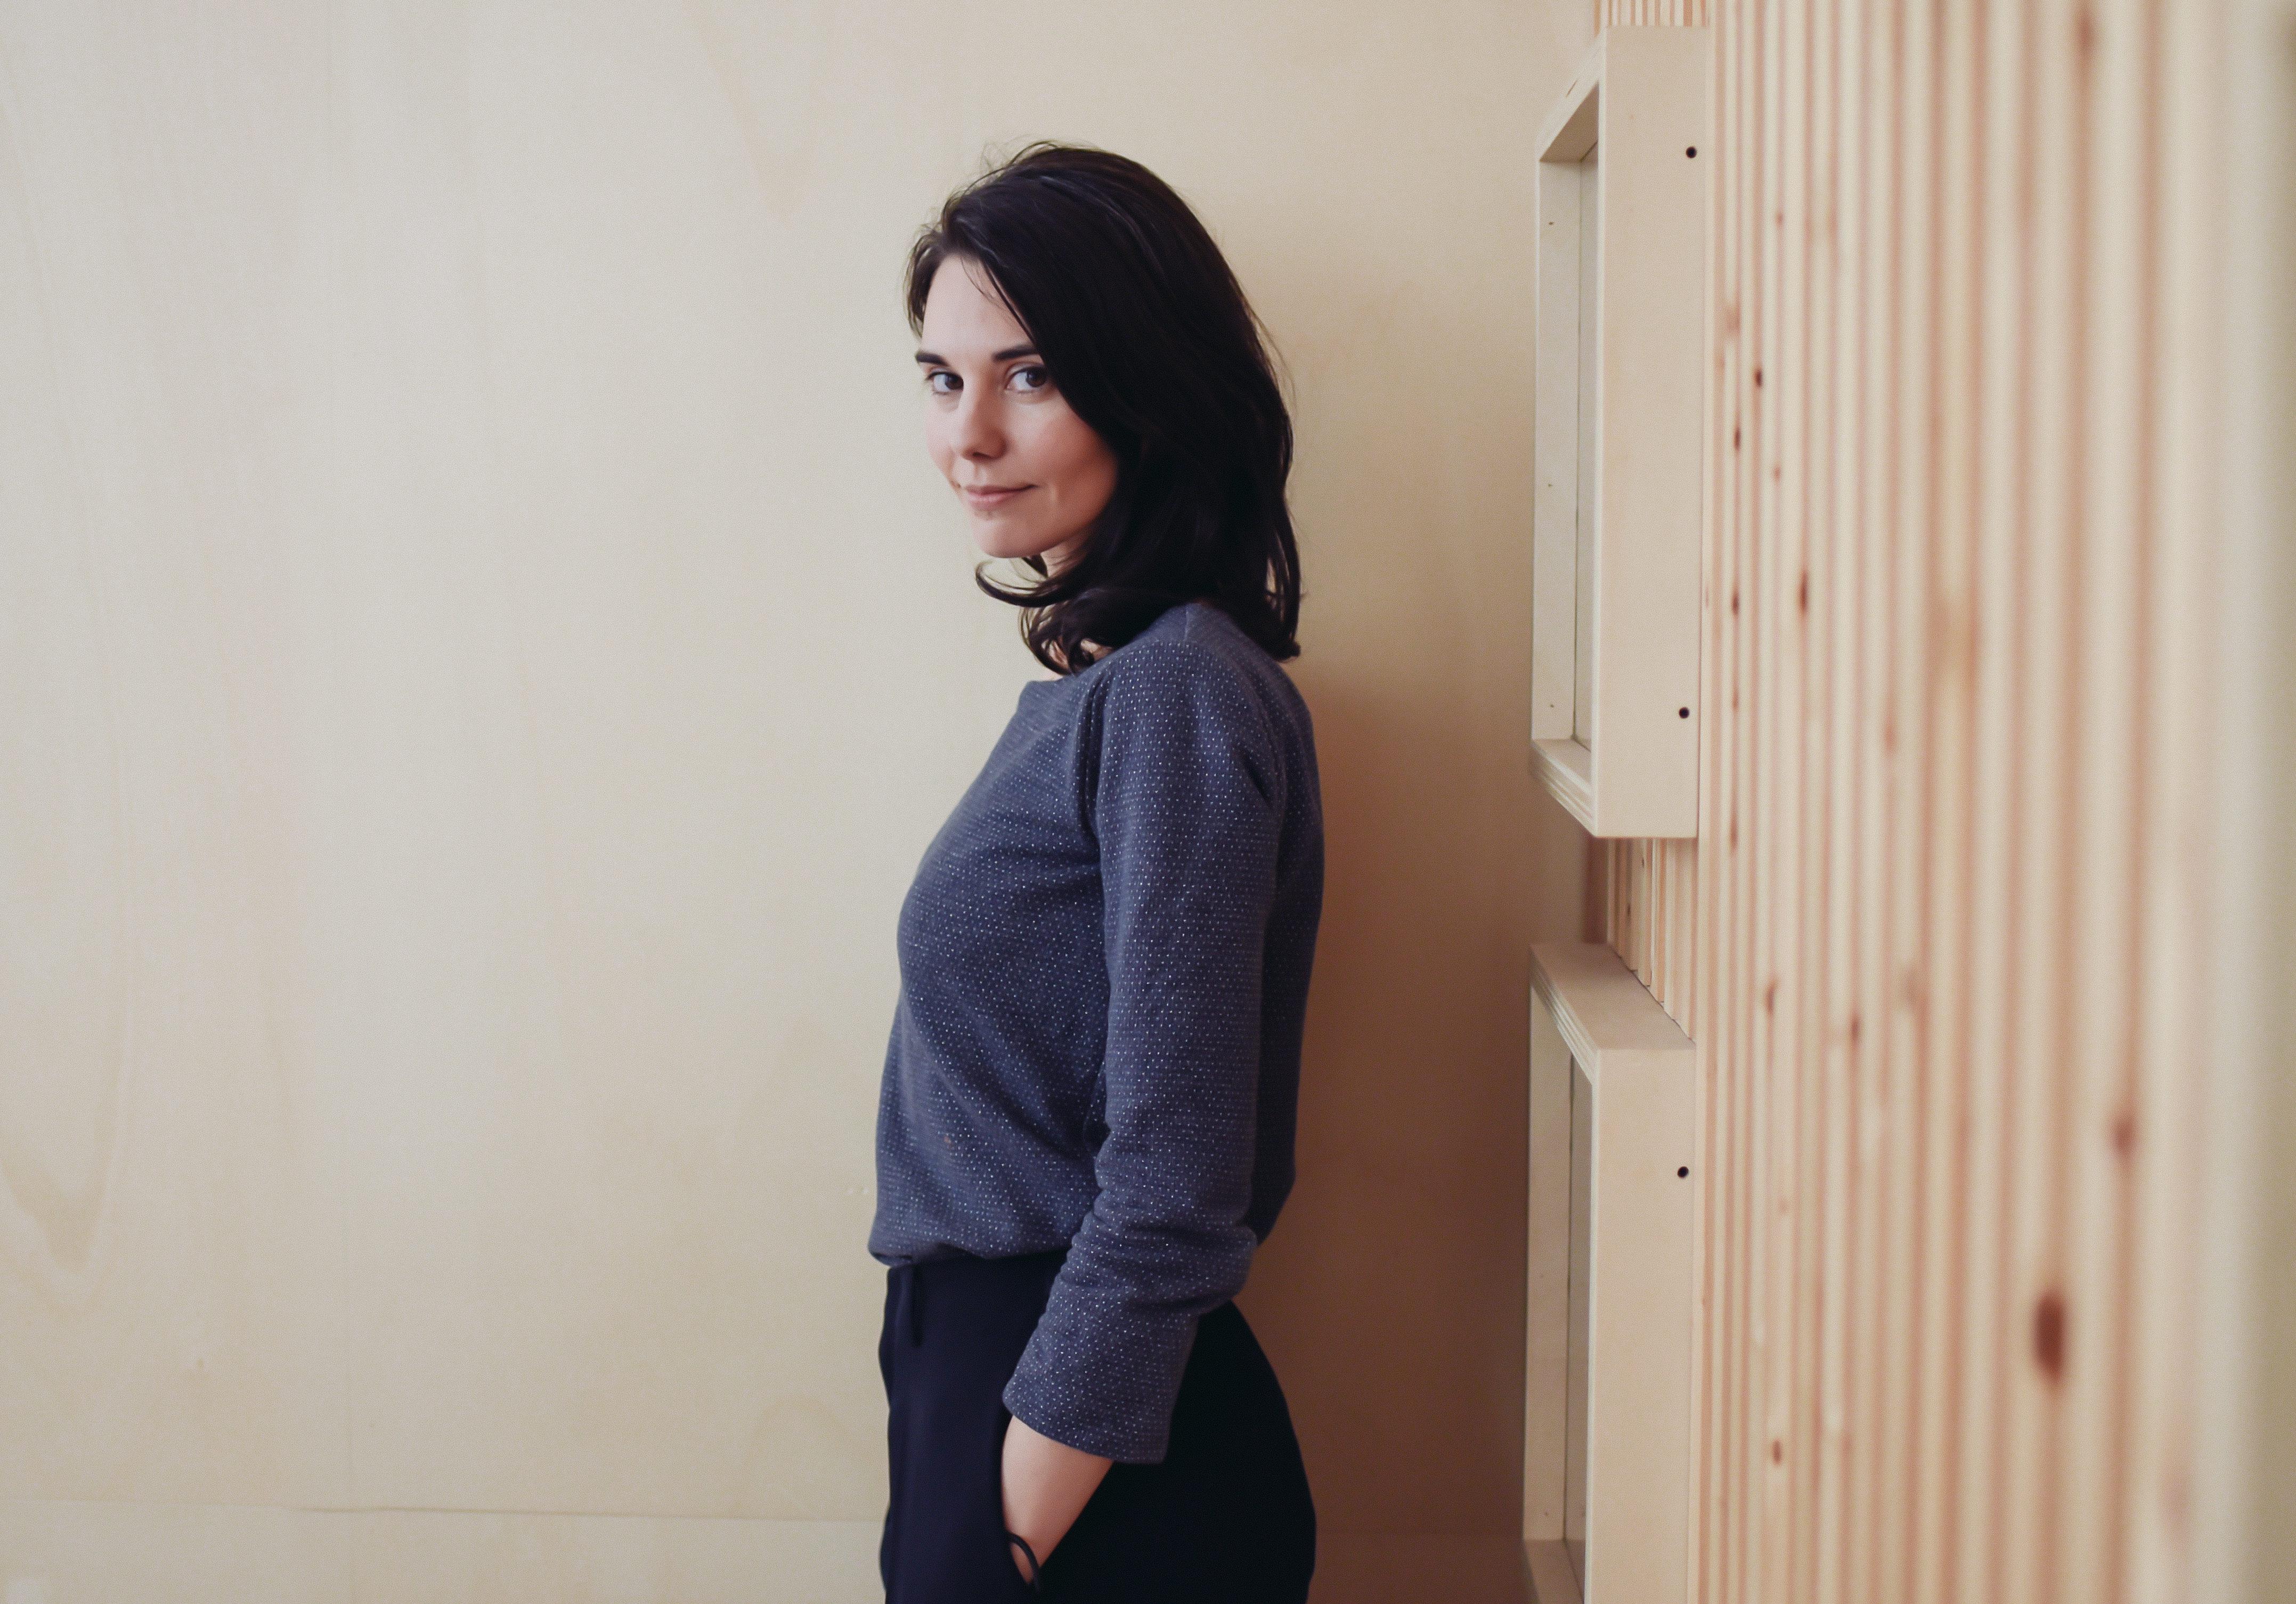 Elle veut mettre en avant la sororité grâce à «Soror», une revue indépendante et solidaire